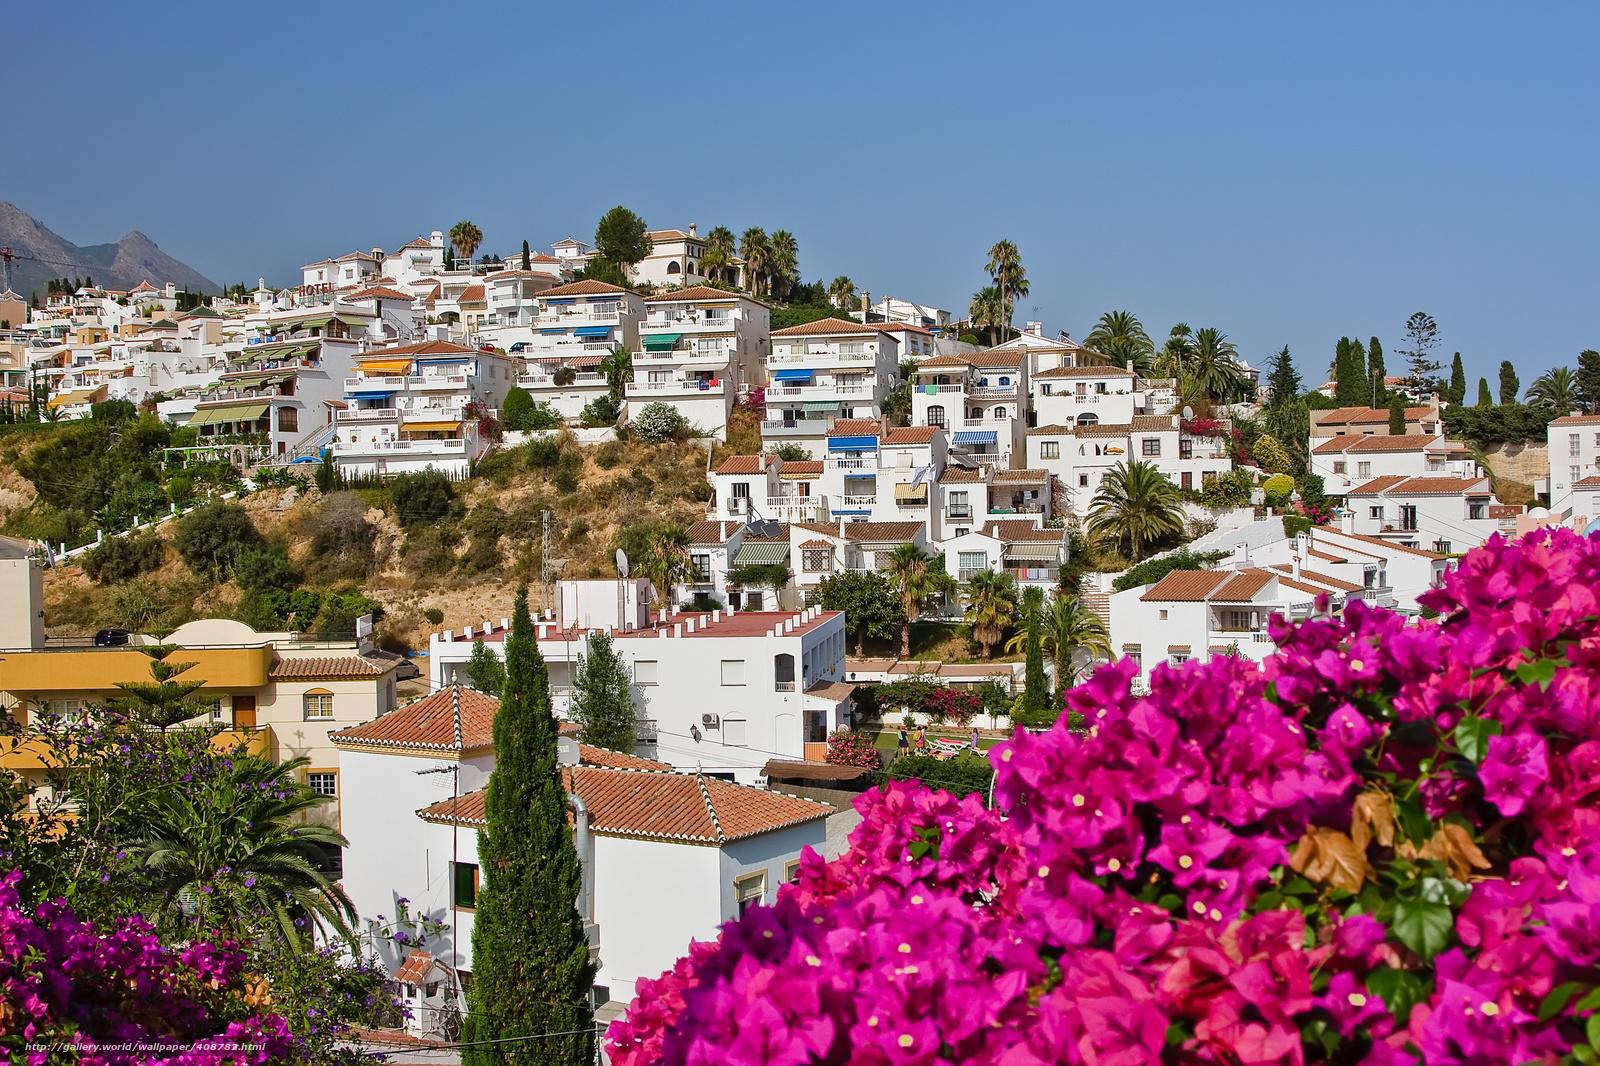 壁紙をダウンロード スペインの風景 ネルハ スペイン フラワーズ デスクトップの解像度のための無料壁紙 3794x2528 絵 4087